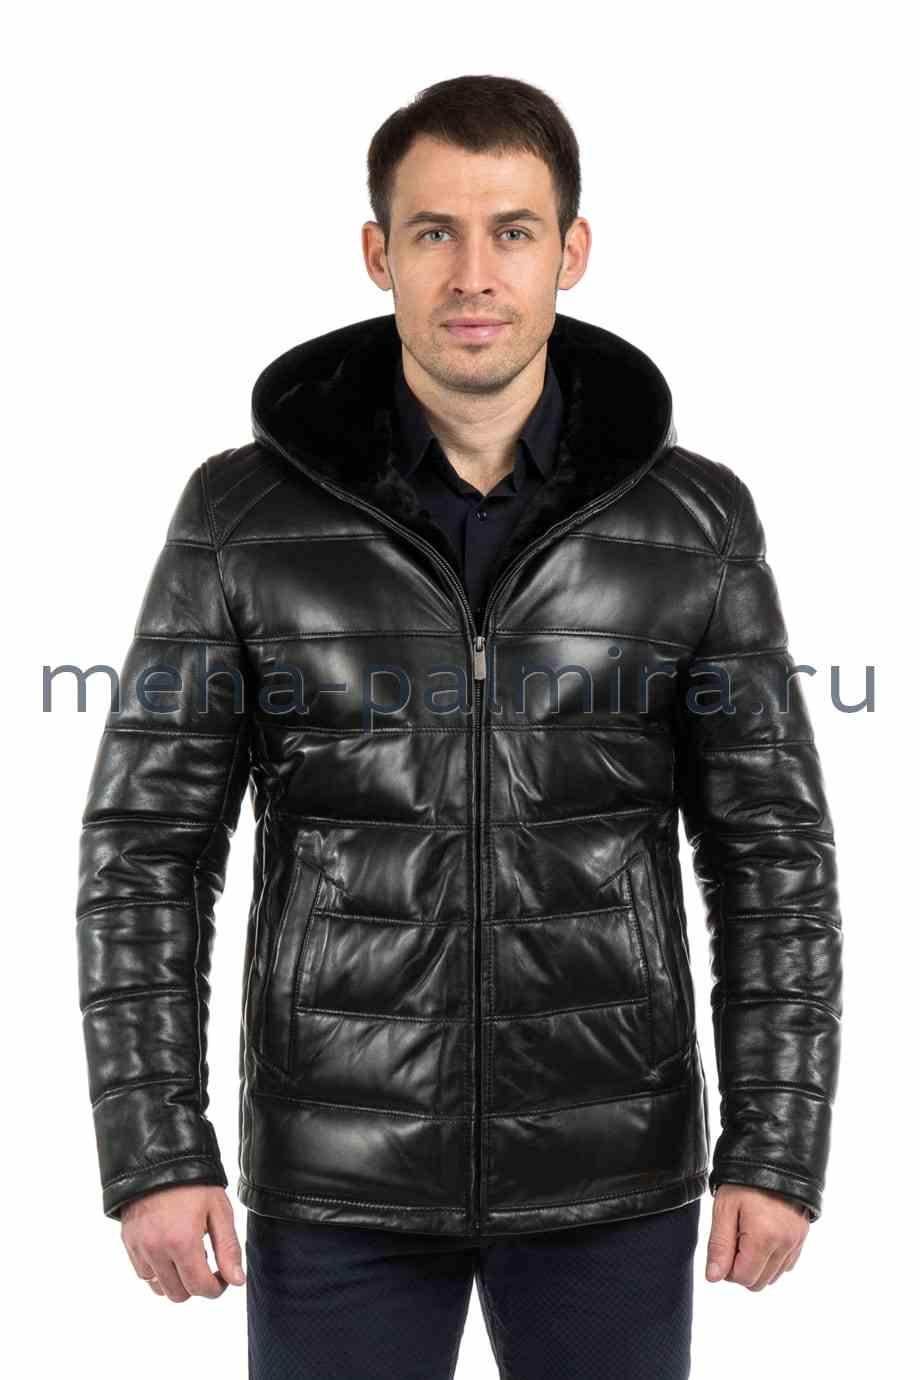 Черный кожаный пуховик с капюшоном мужской